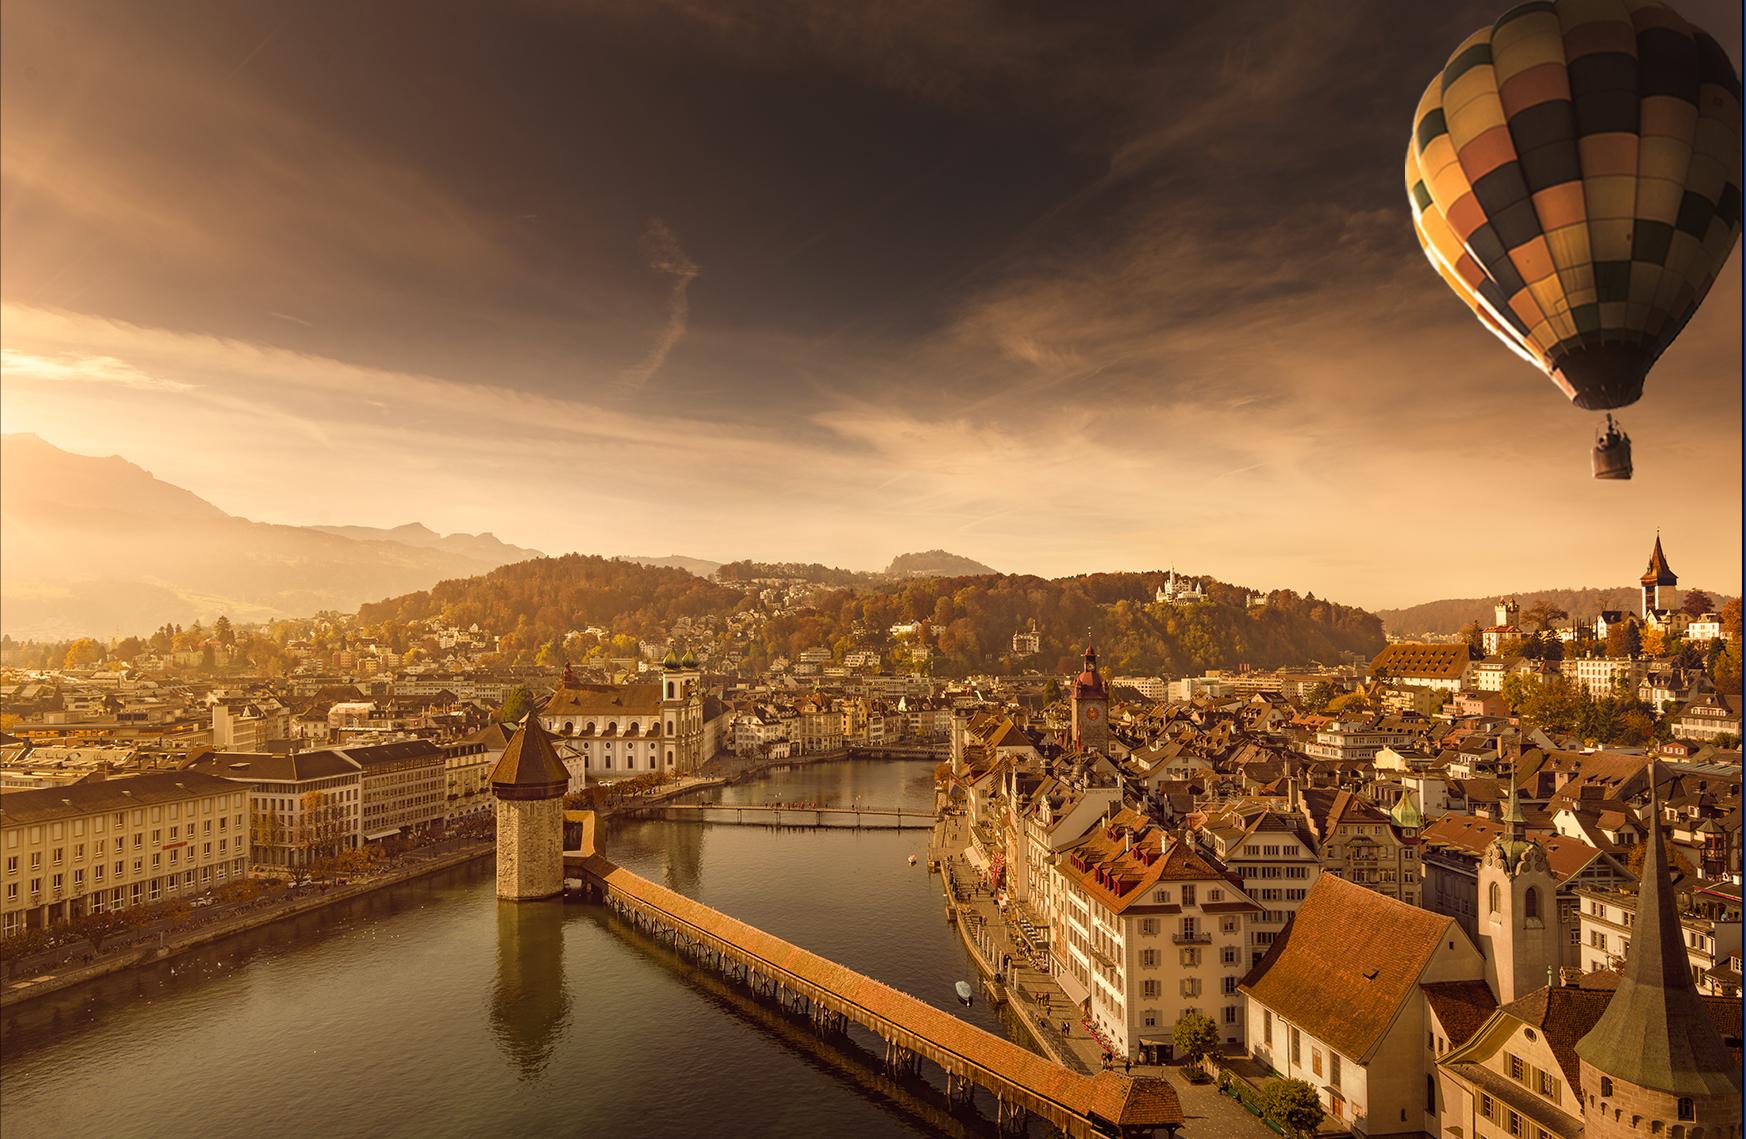 源自瑞士琉森:与众不同的旅程